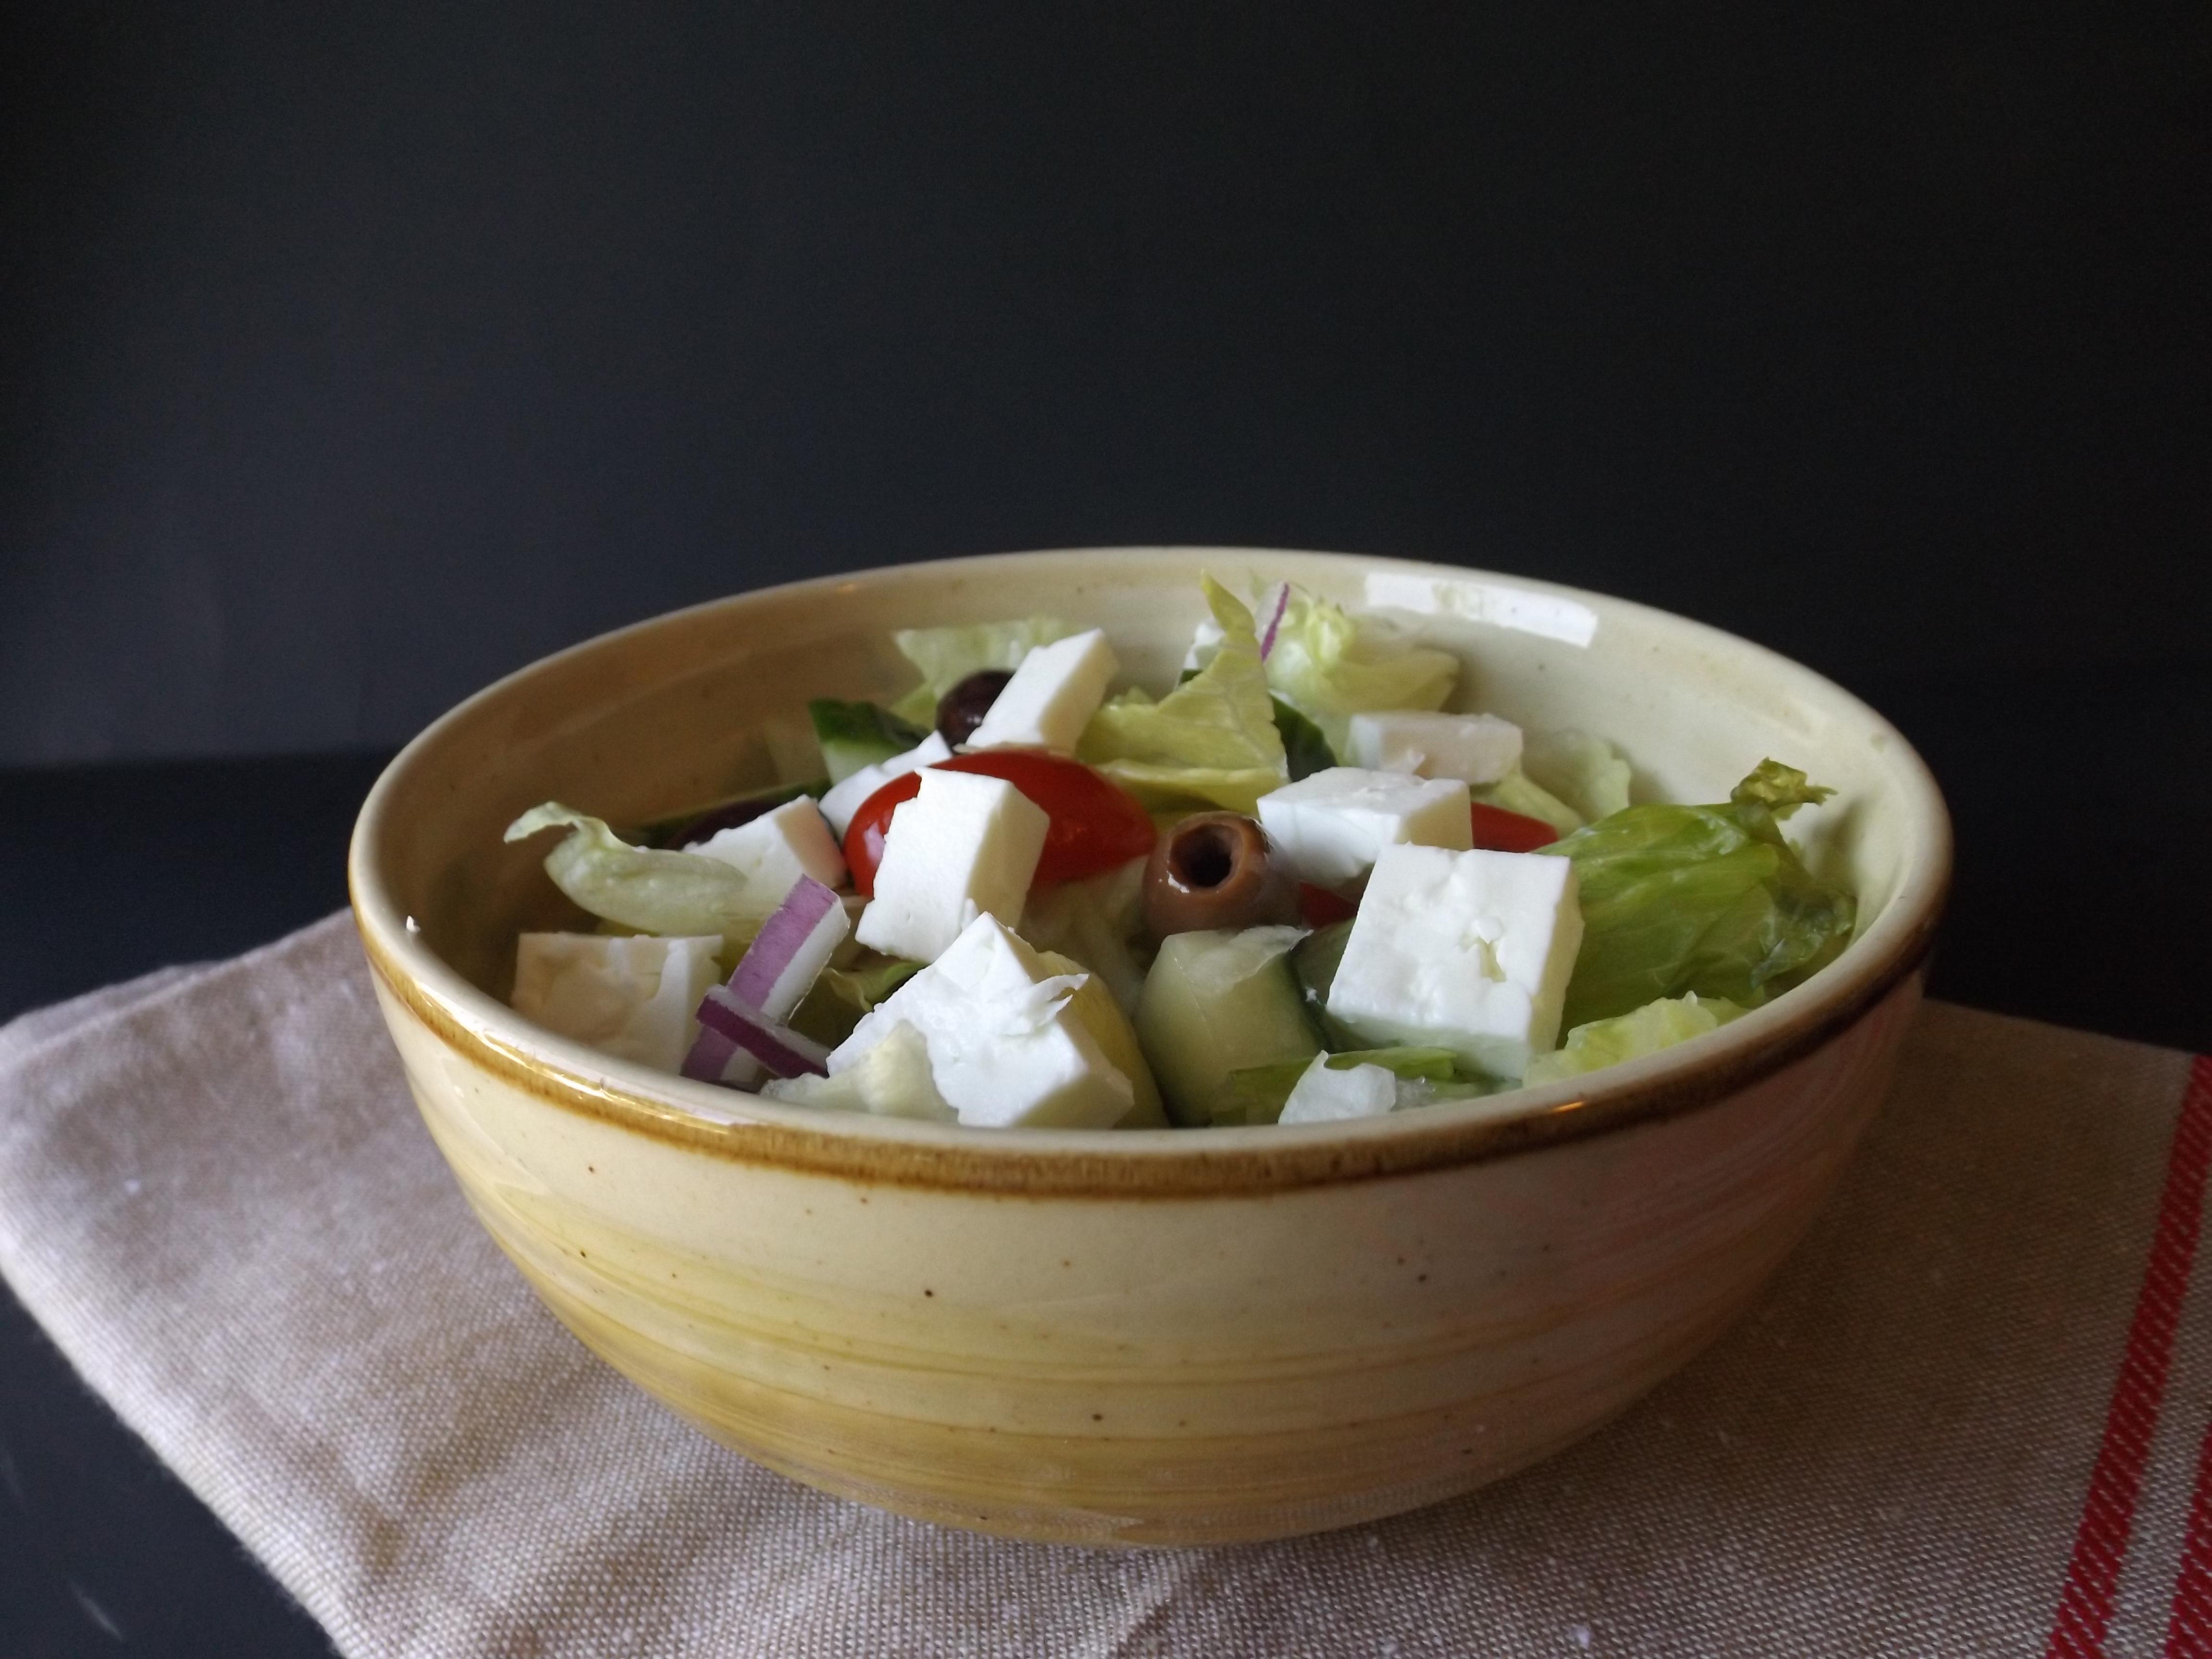 ensalada griega con vinagre balsamico